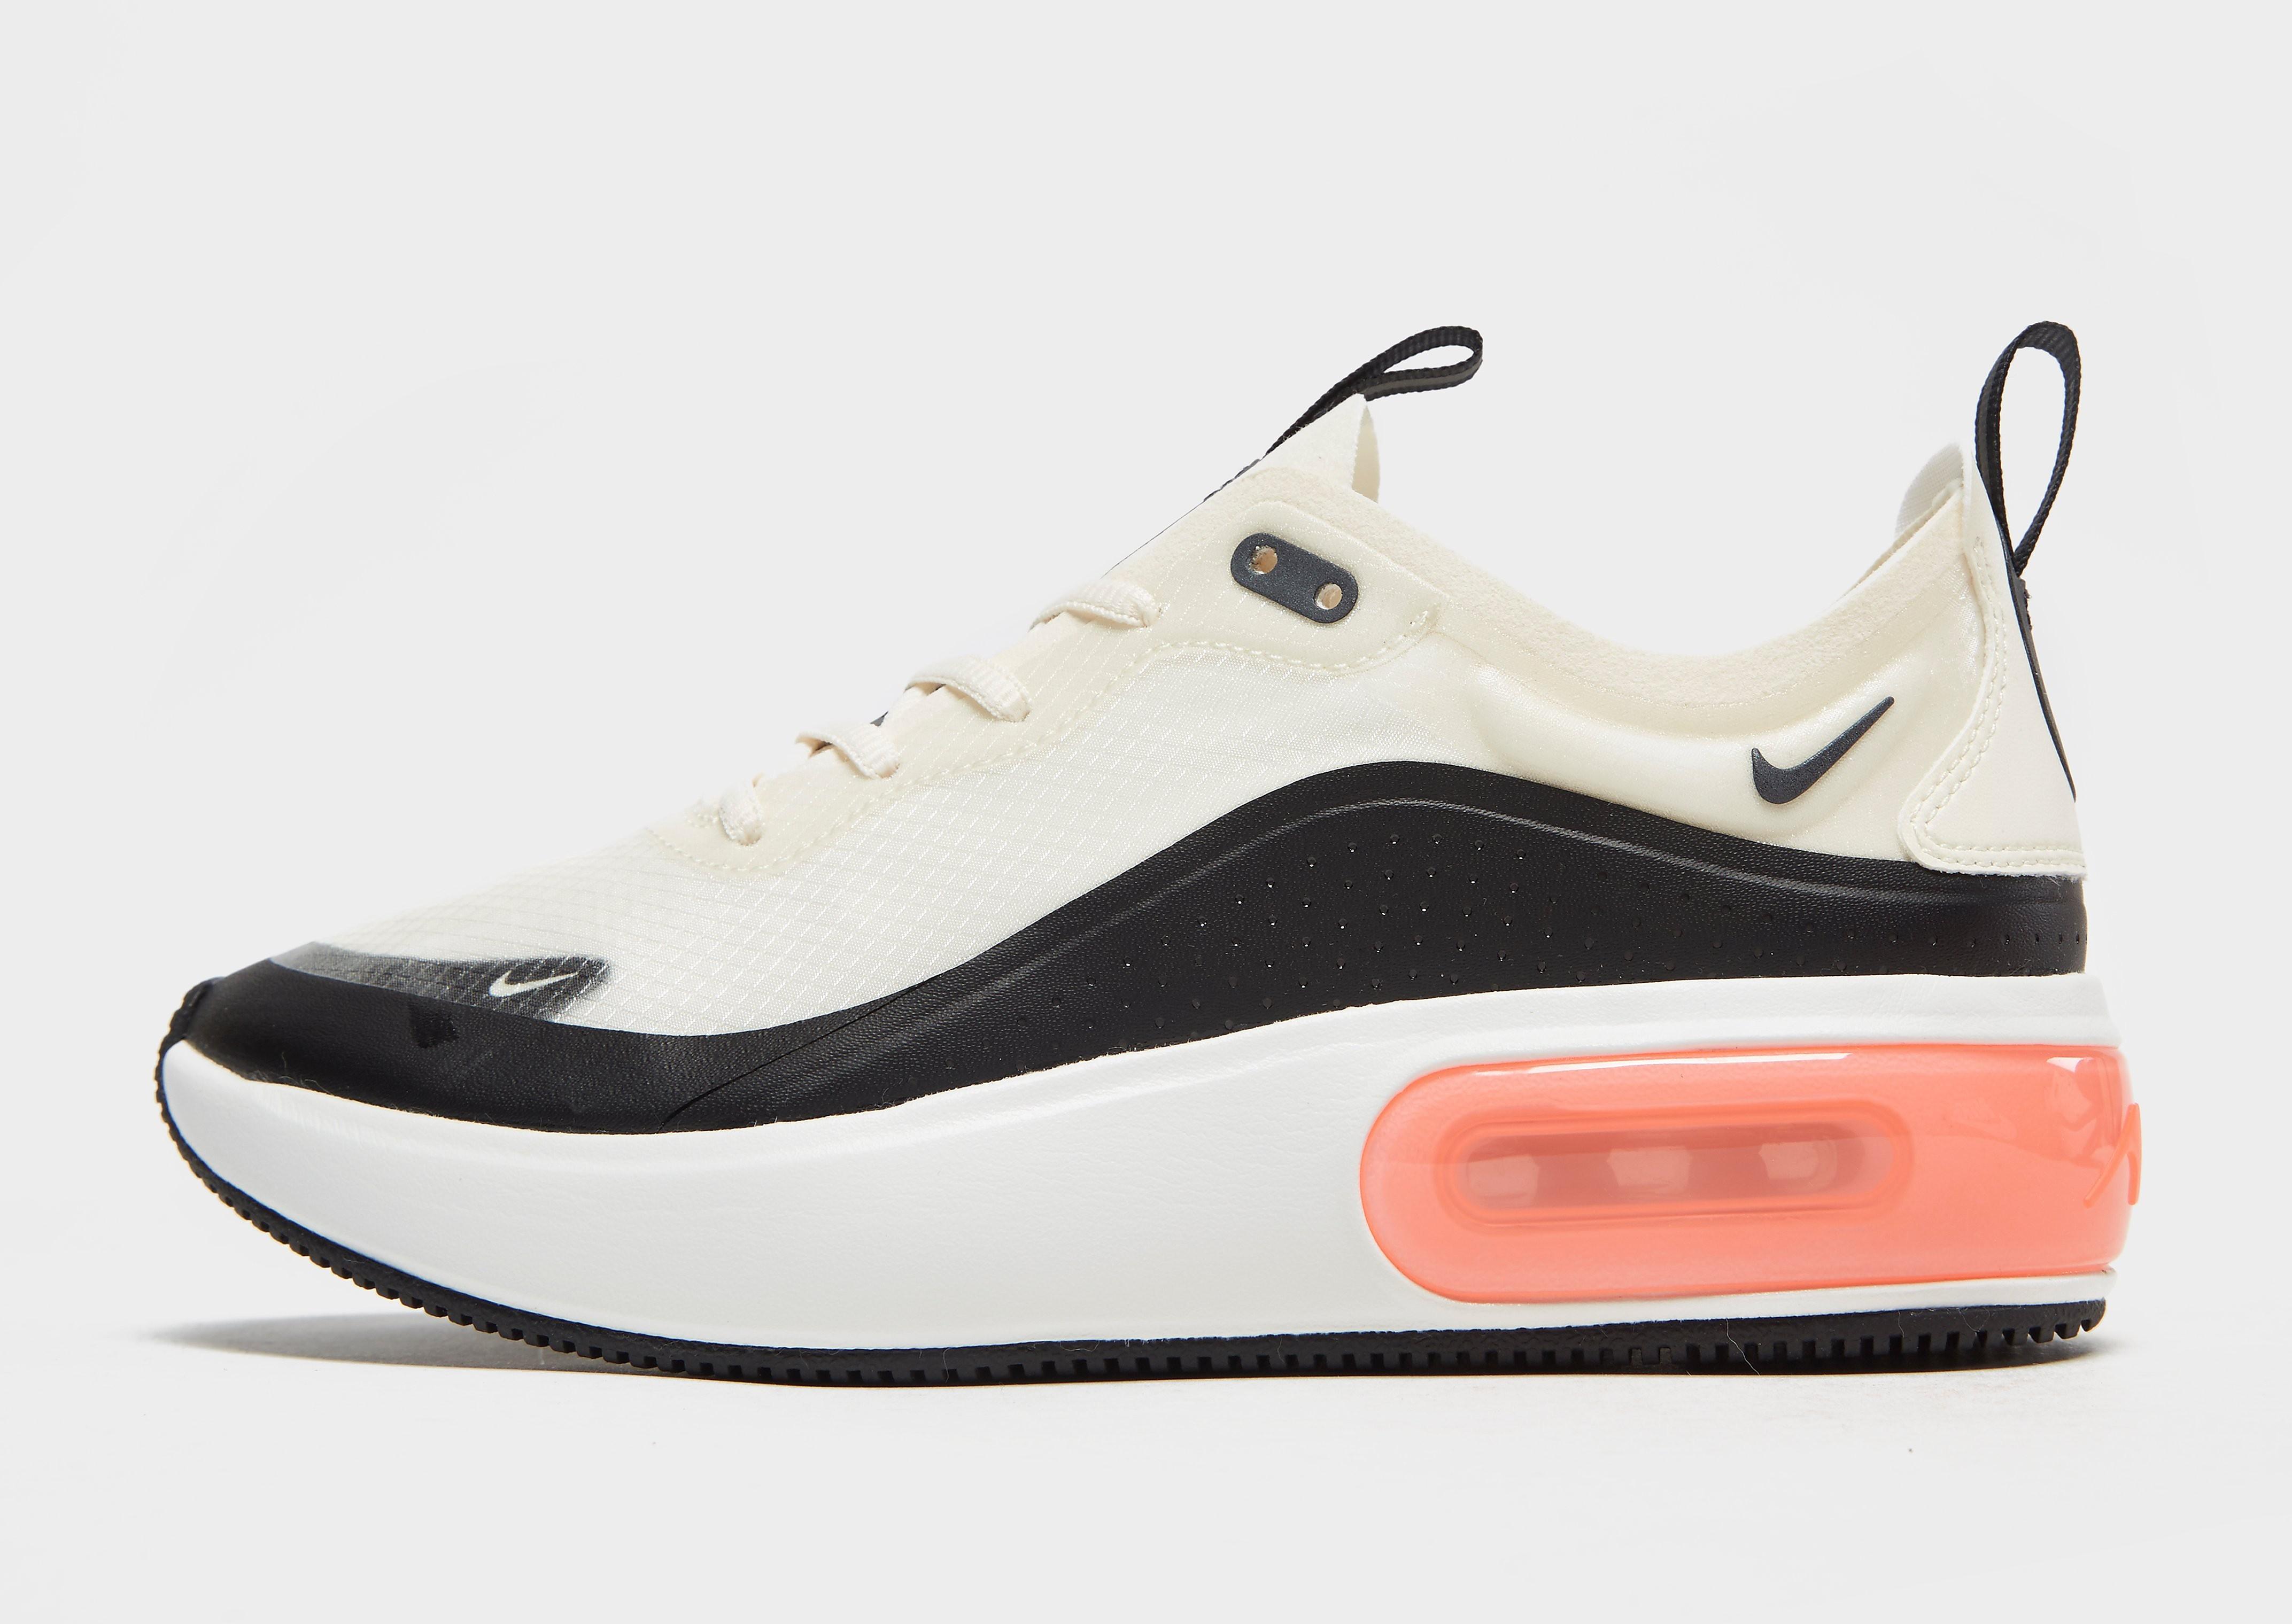 Nike Air Max Dia damessneaker zwart en wit